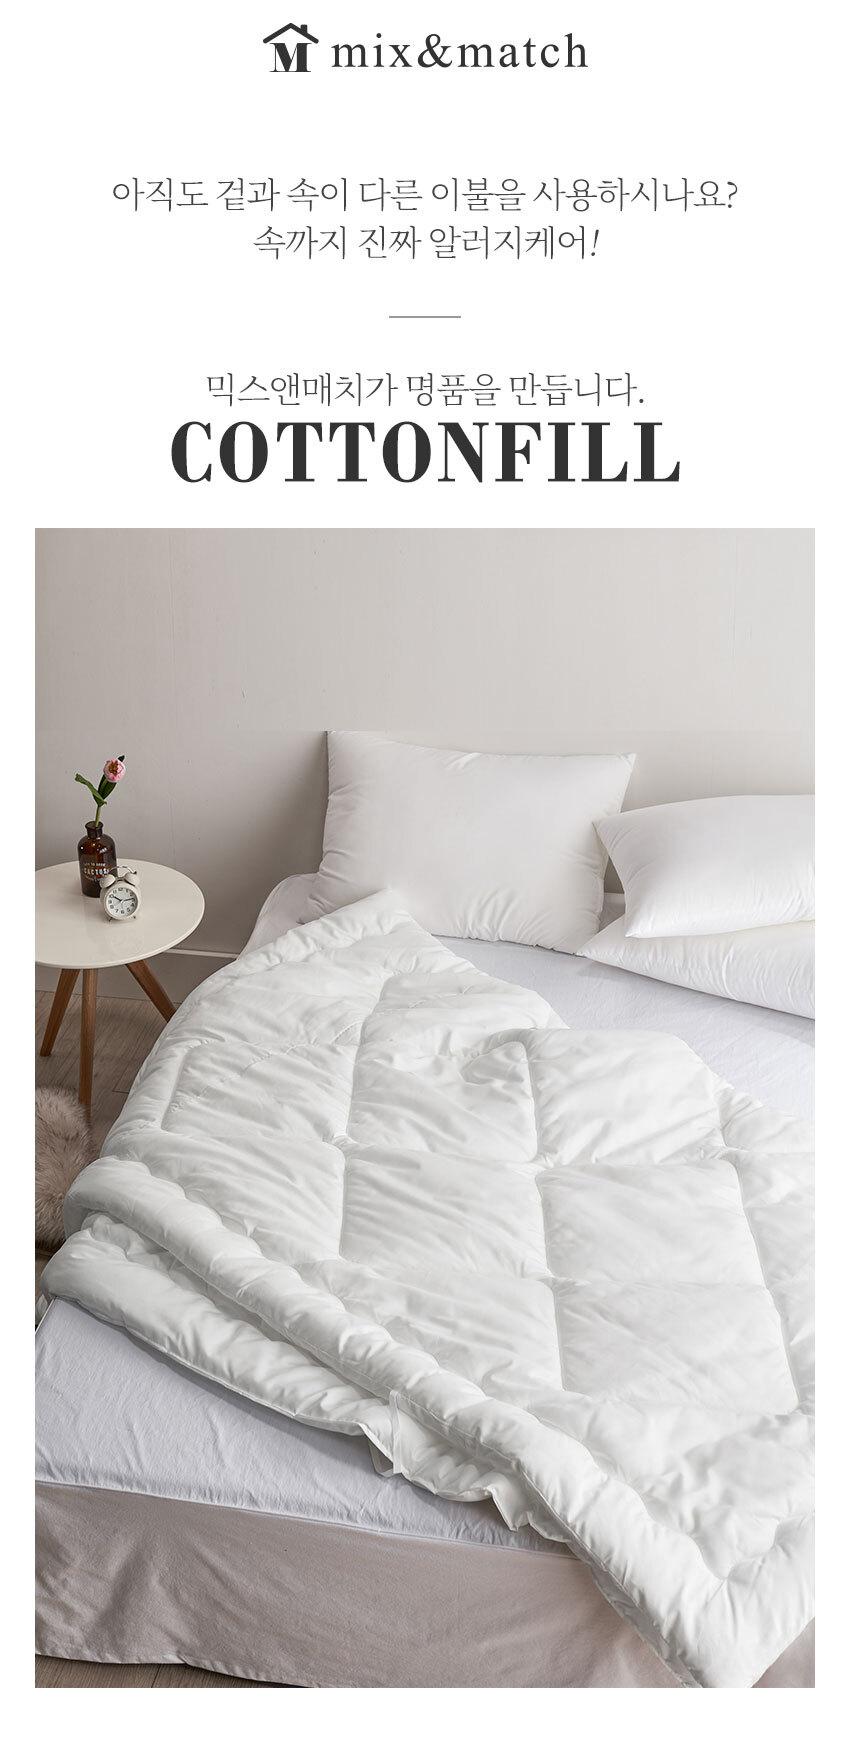 cottonfill_bottom.jpg